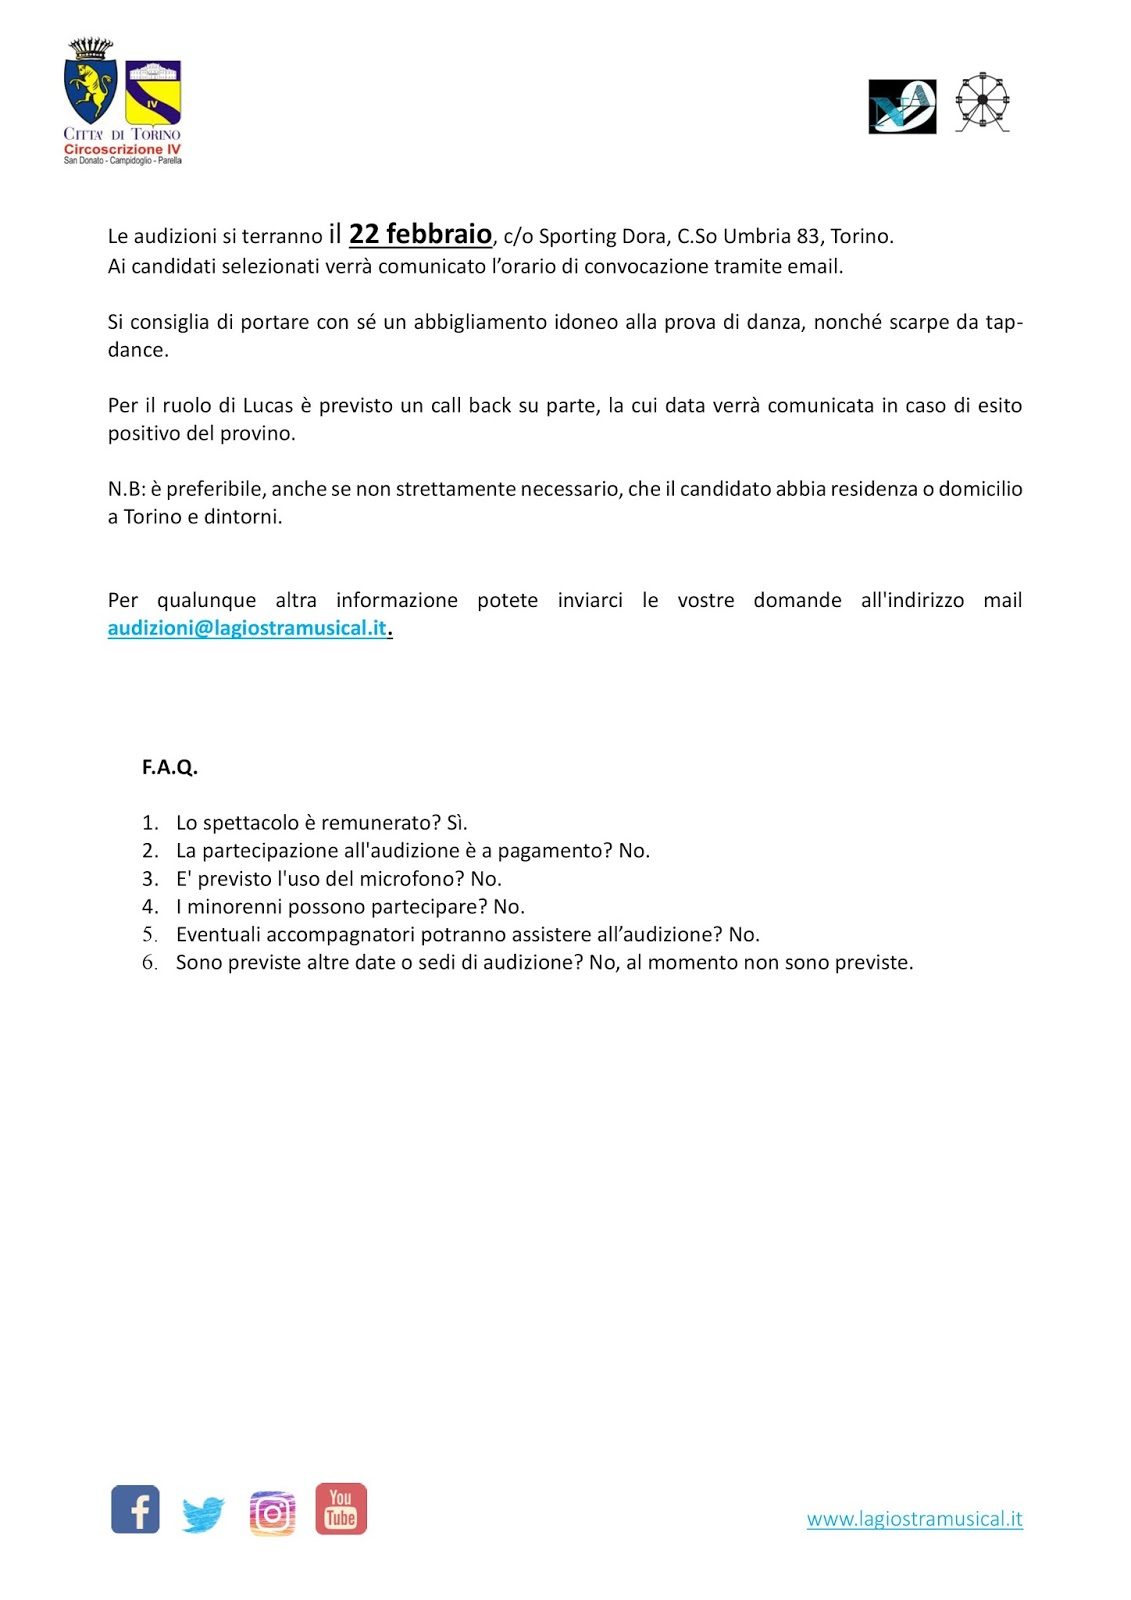 CASTING  Nuova Avanguardia A.P.S. cerca Attori-Cantanti uomini per ... 07f4ba7447f